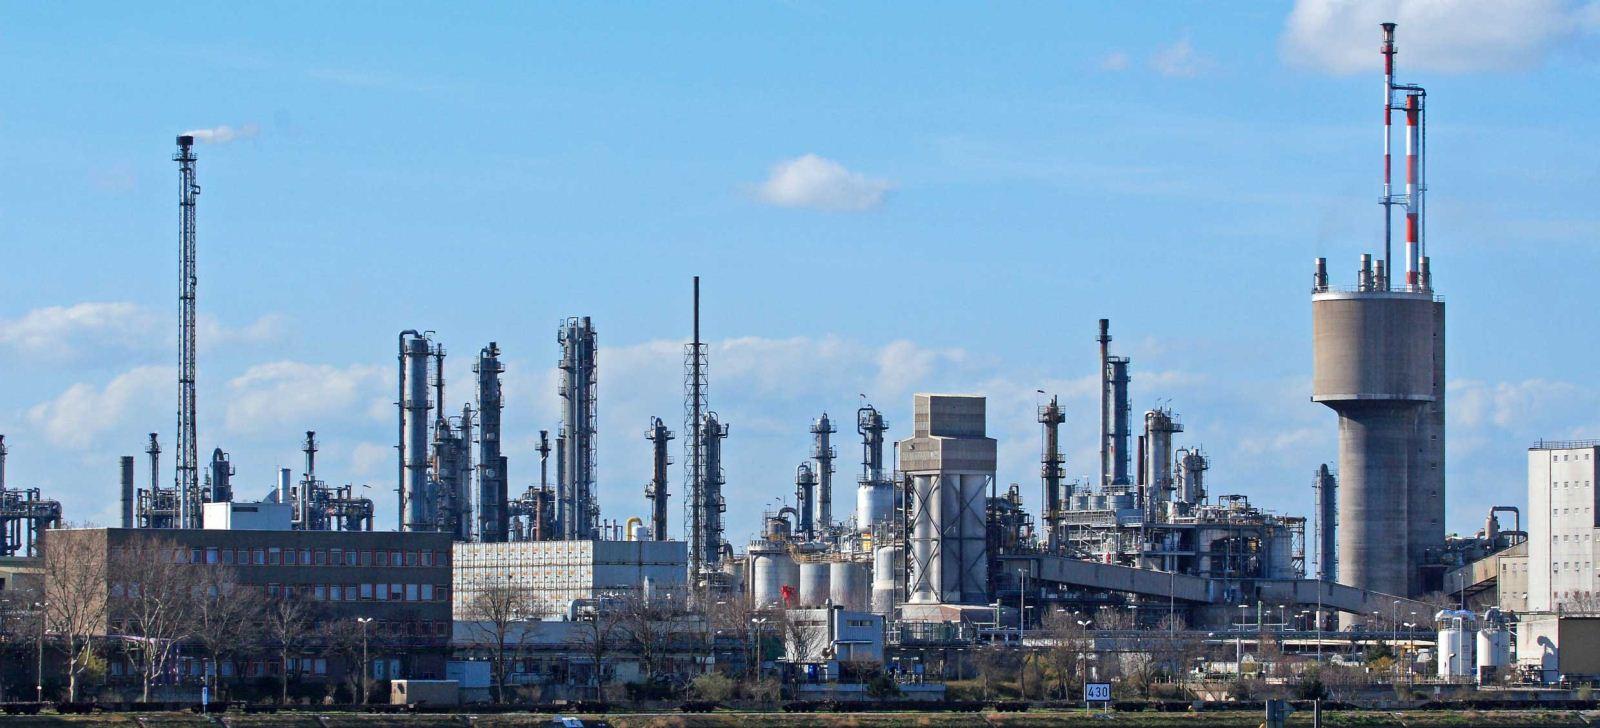 2014年2季度加拿大工业产能利用率达82.7%